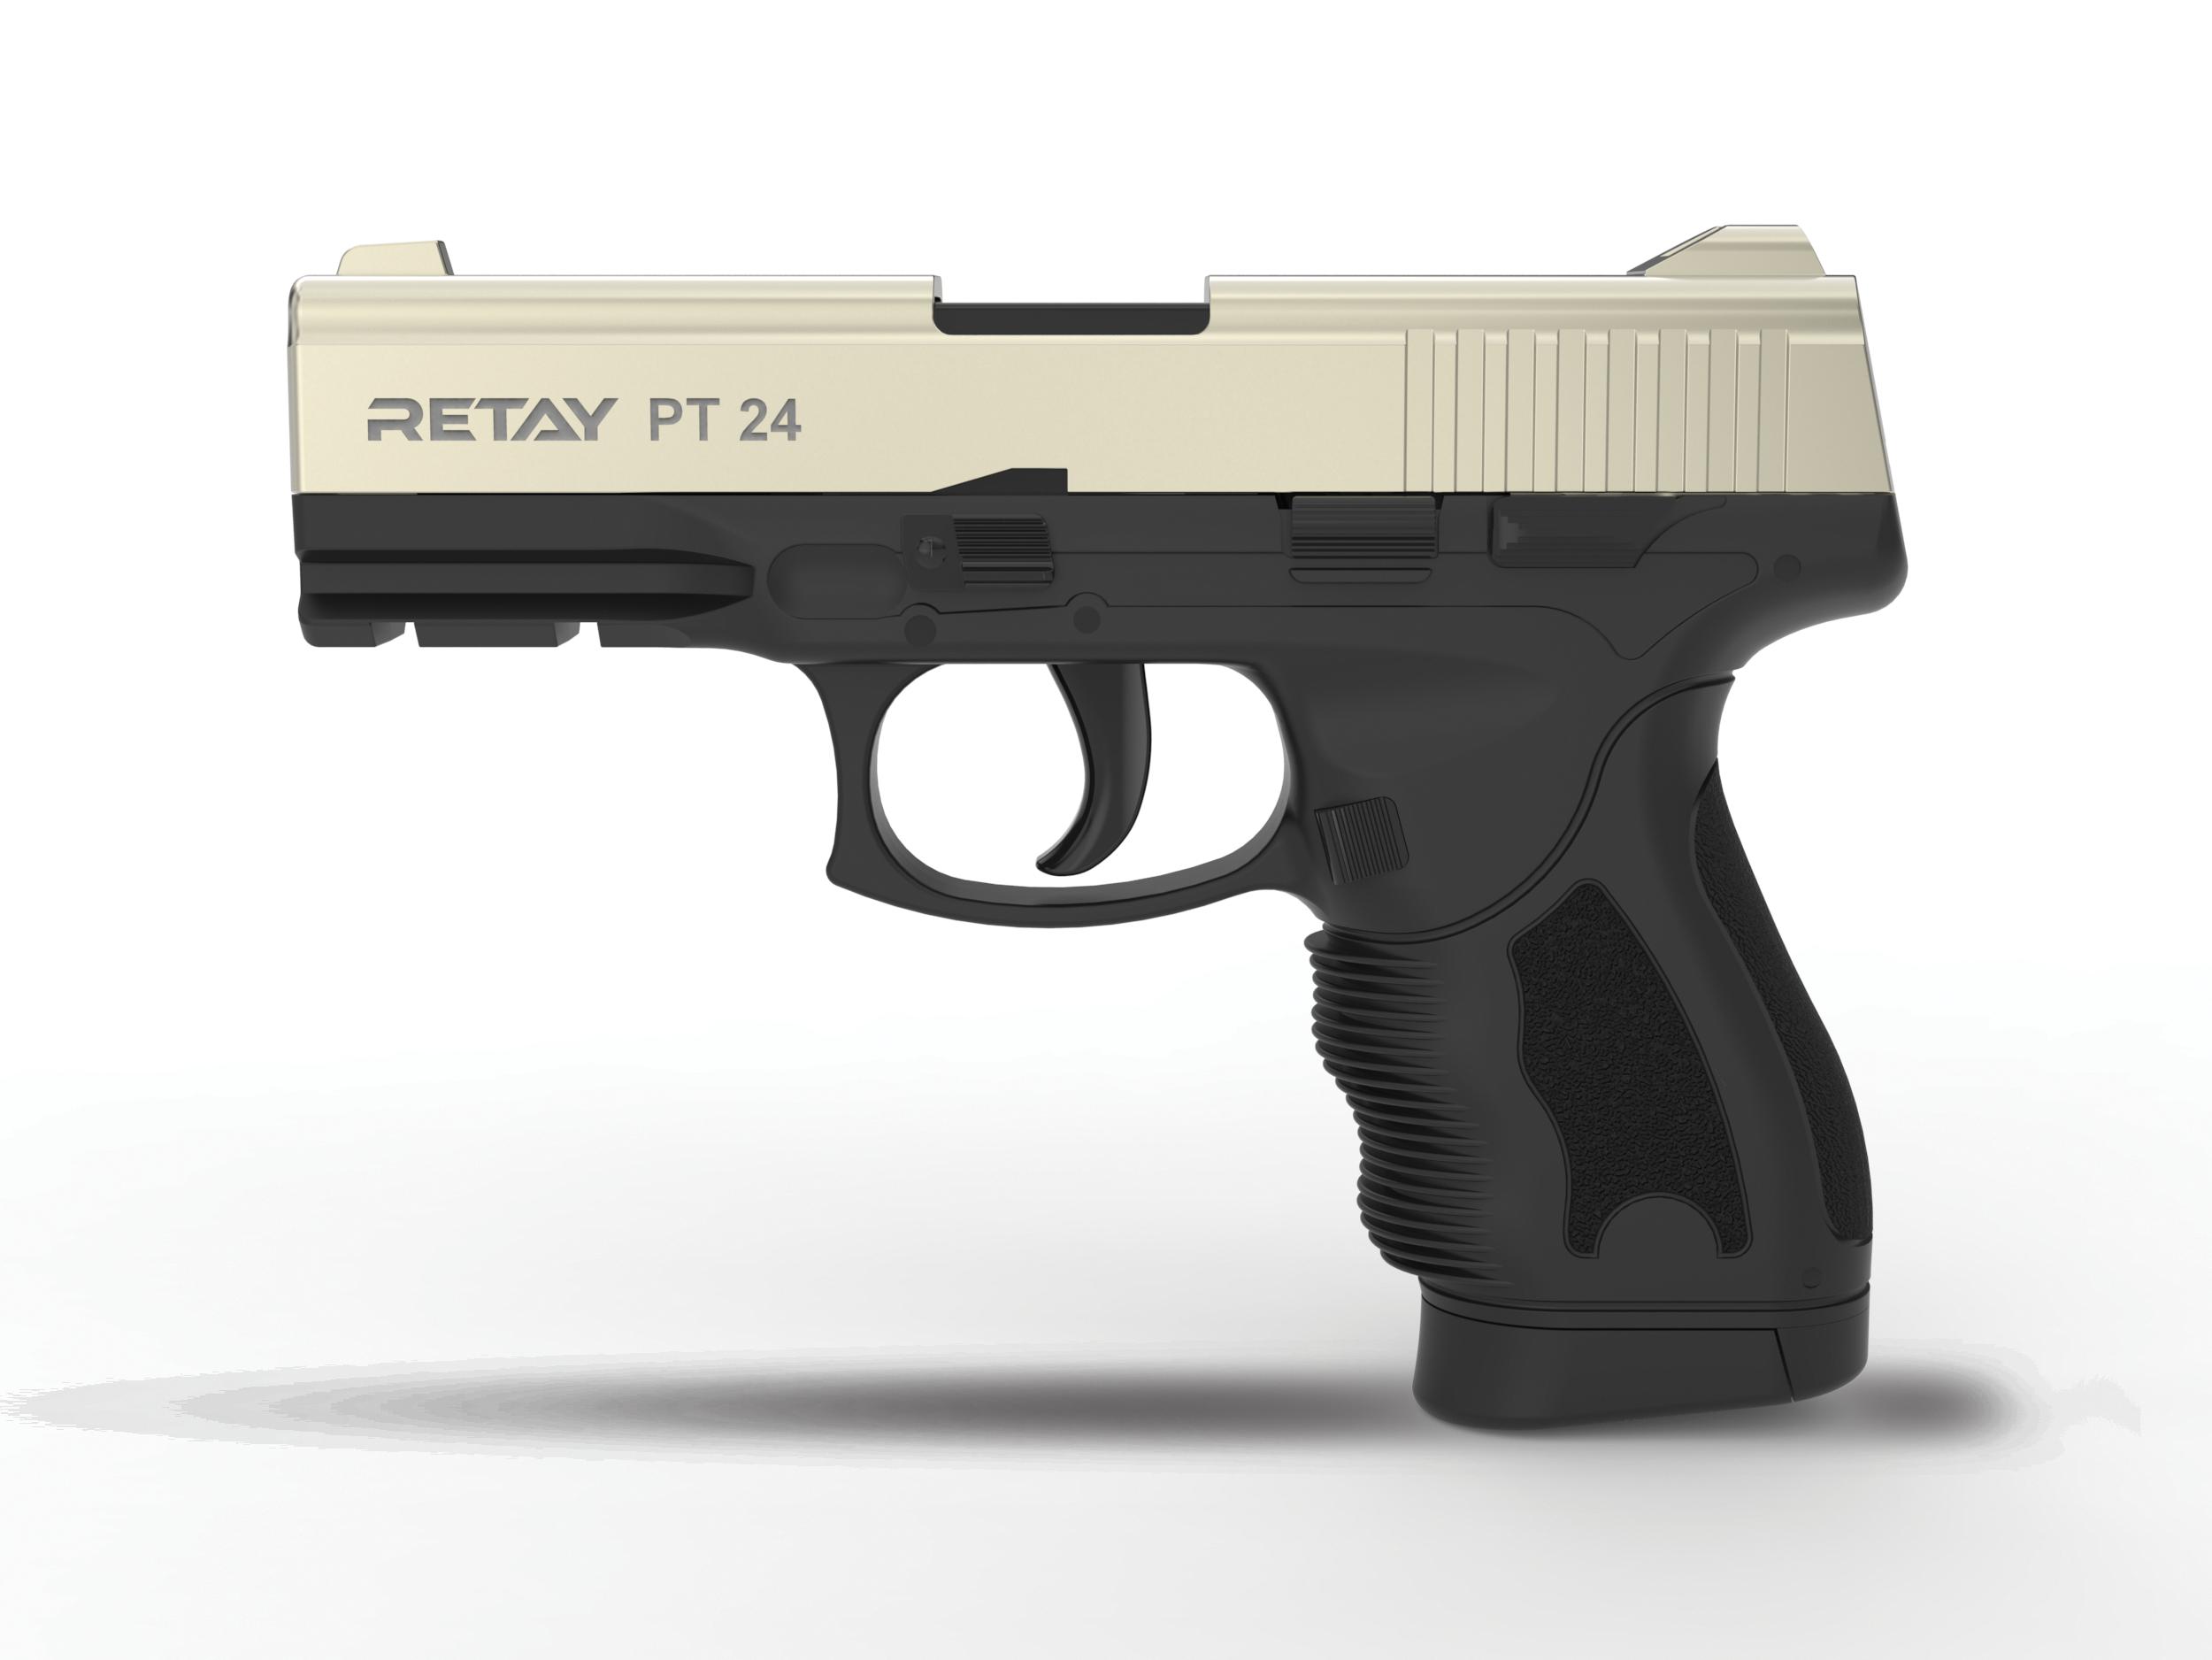 Retay p24-1